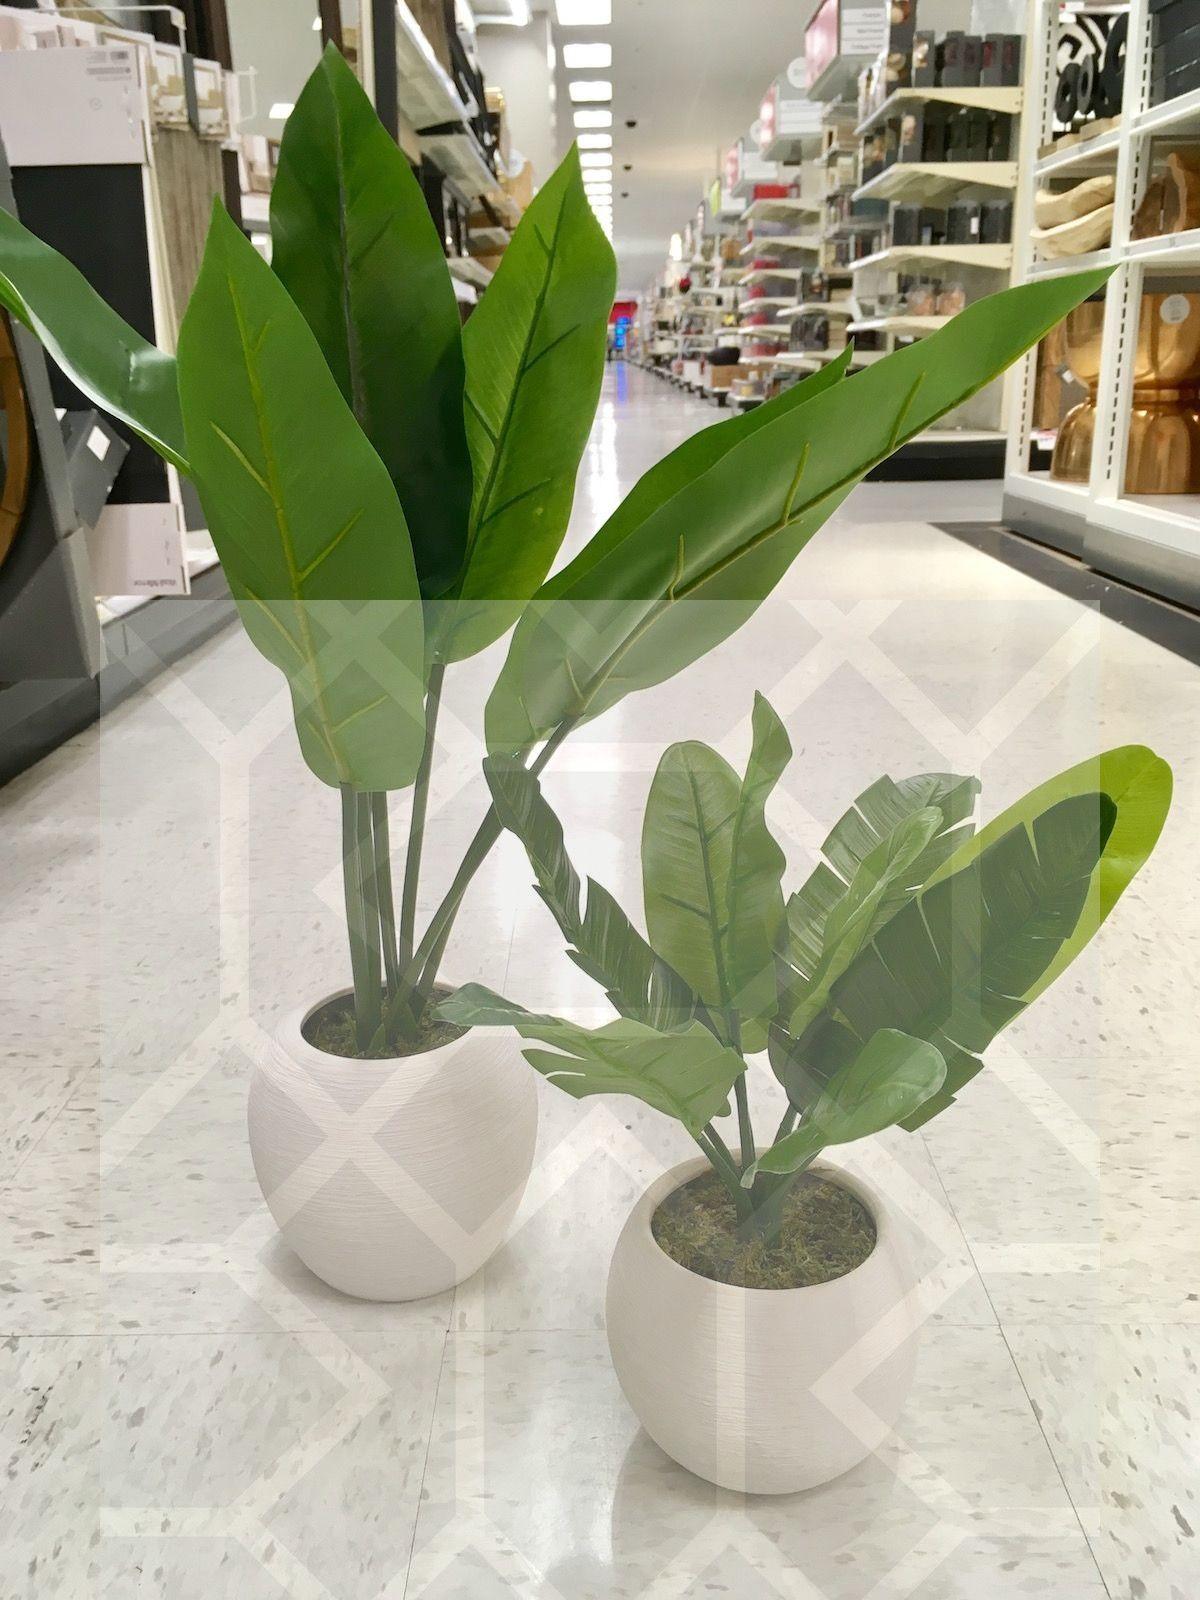 10 Capital Artificial Plants Decoration Home Ideas Faux Plants Decor Artificial Plants Decor Fake Plants Decor